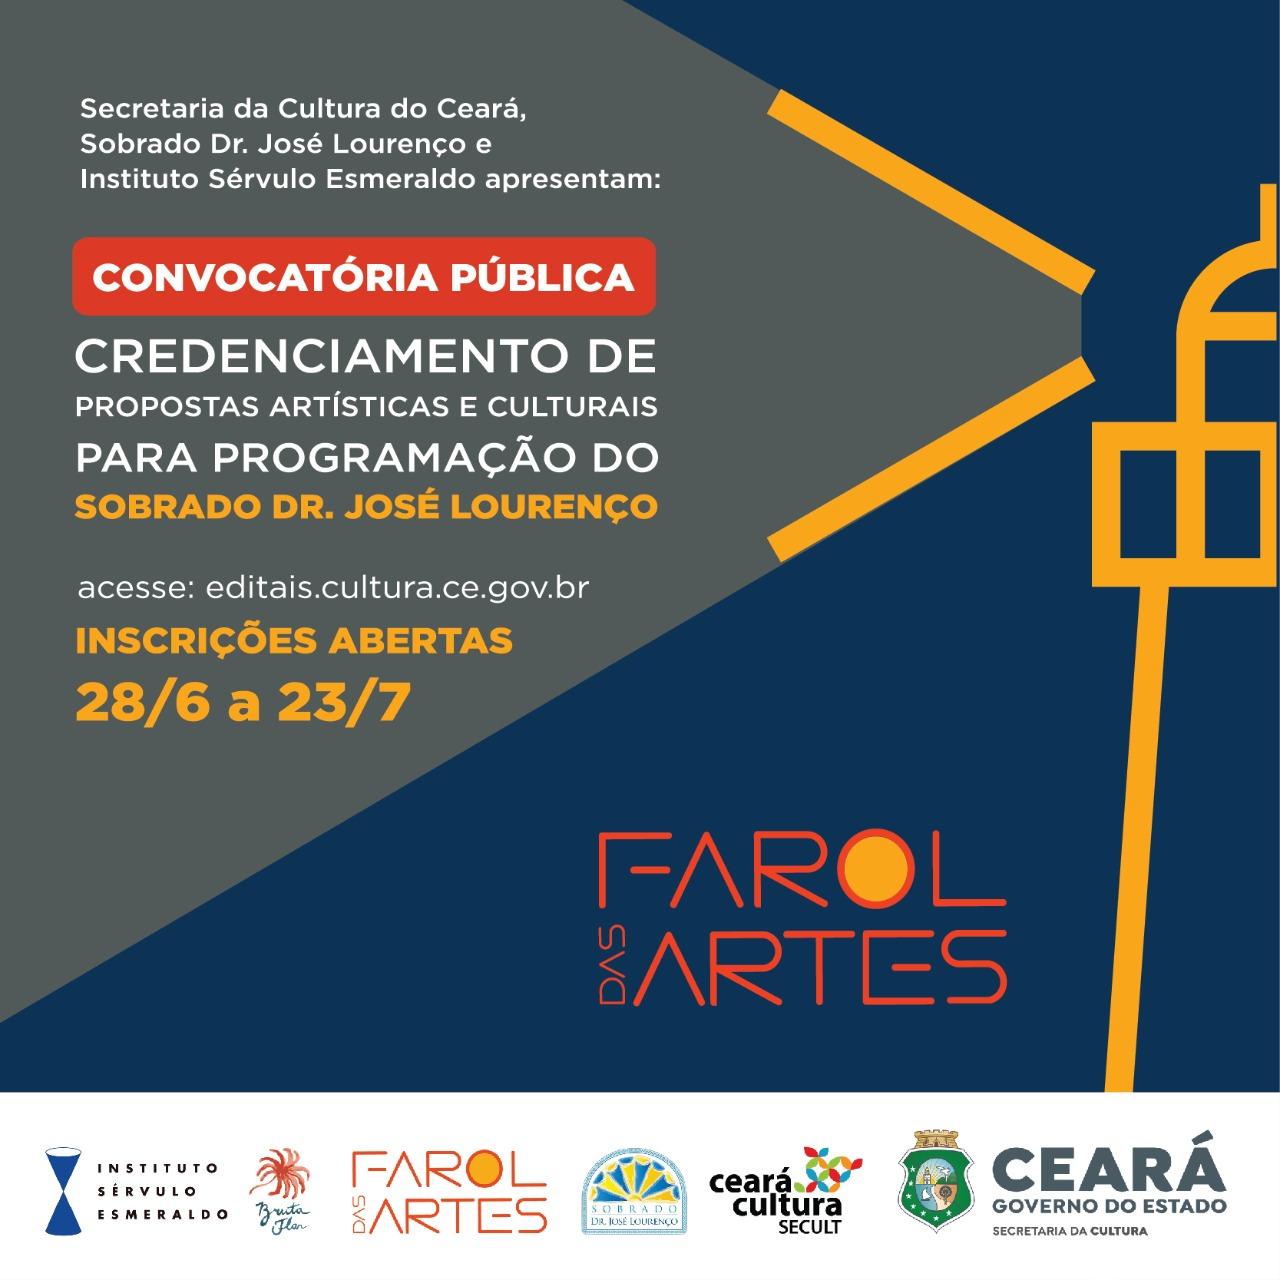 Sobrado Dr. José Lourenço lança nesta segunda (28/6) inscrições para Convocatória Pública de Credenciamento de Propostas Artísticas e Culturais